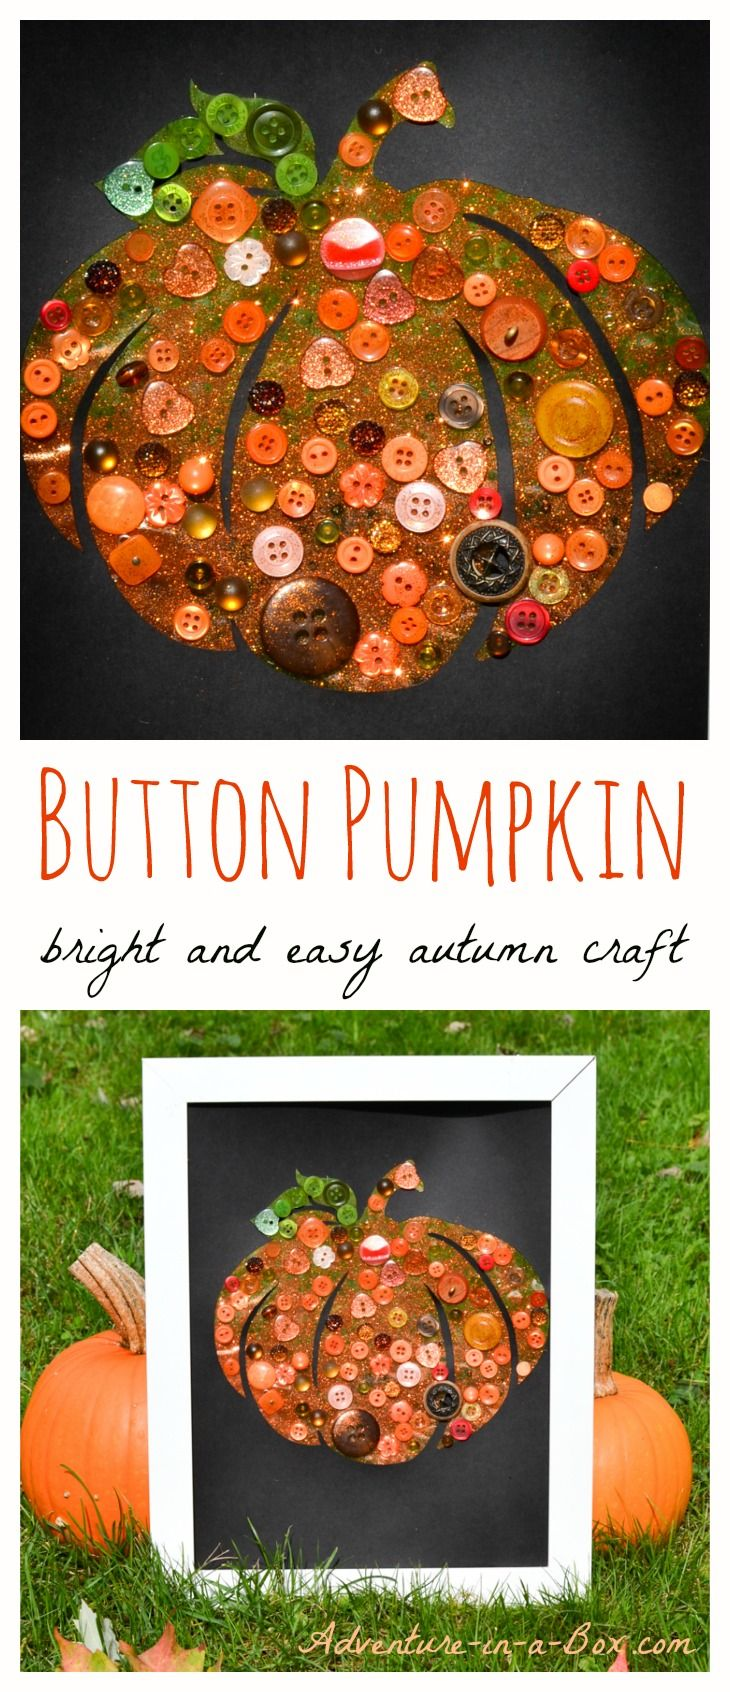 button pumpkin craft bright and easy autumn craft for children